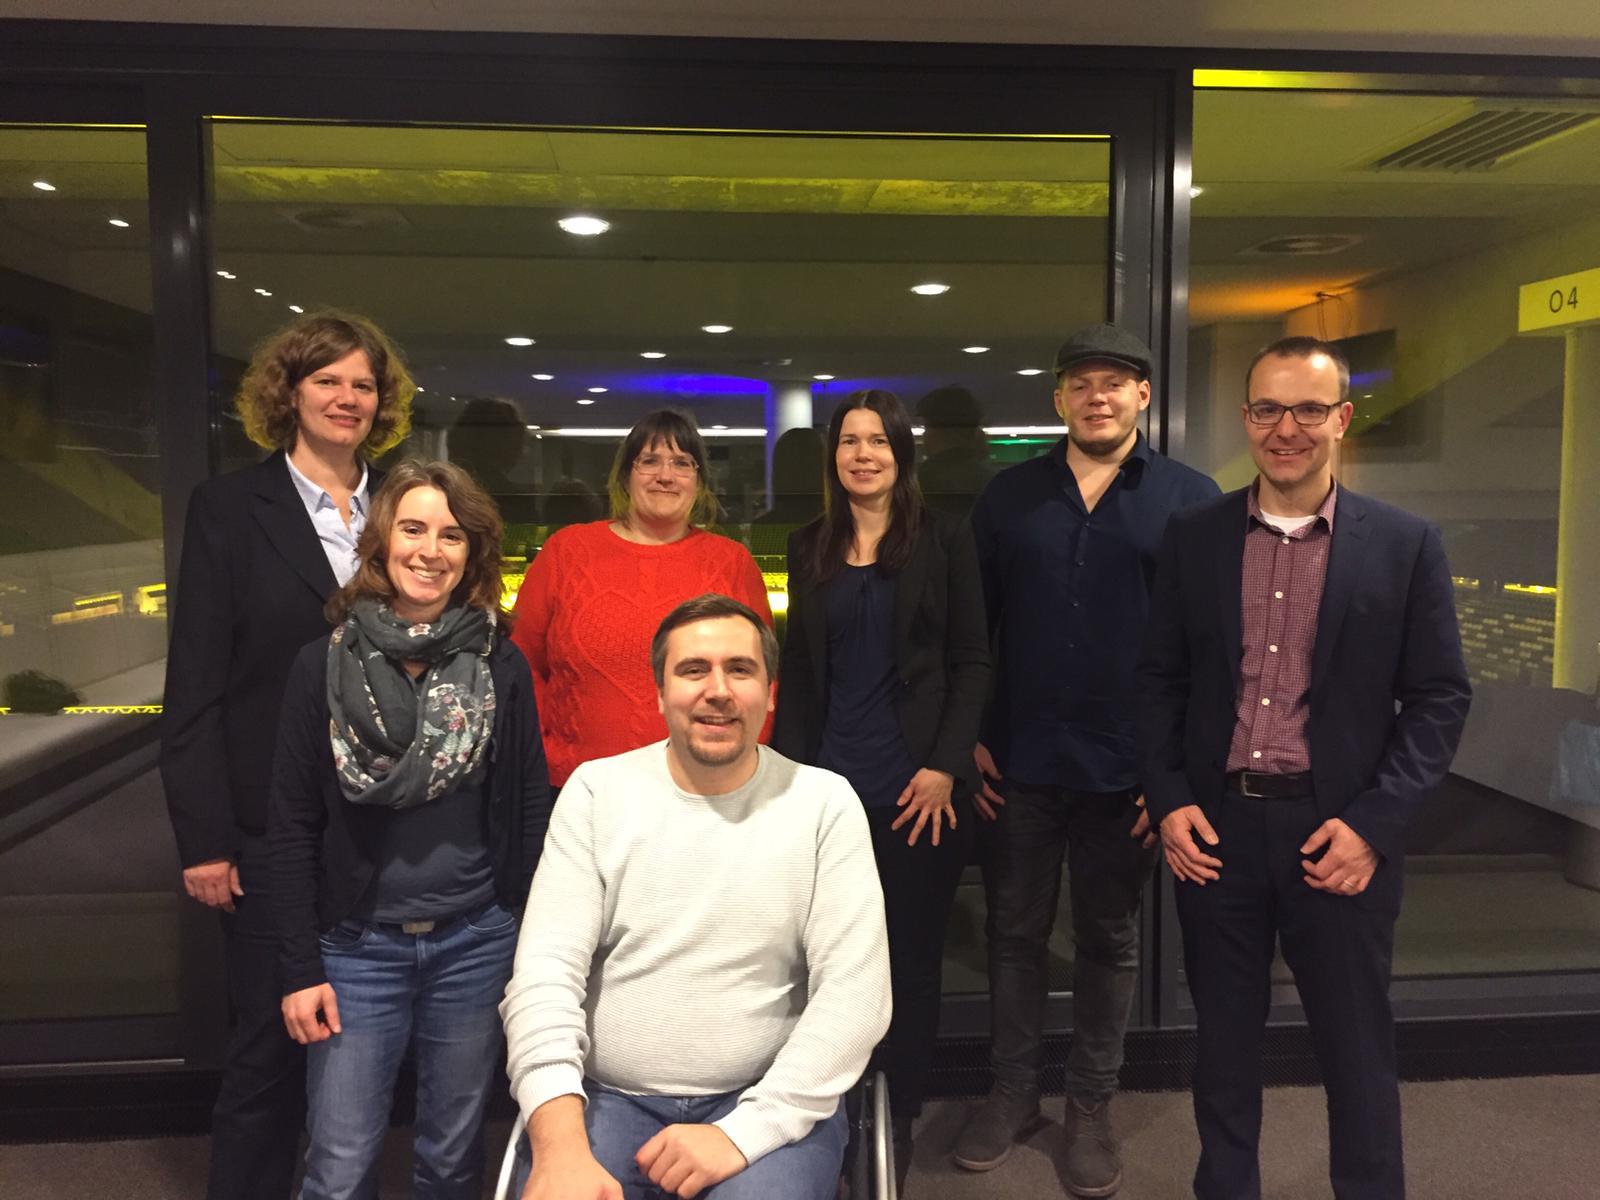 Auf dem Bild sind von links nach rechts zu sehen: Ulrike Peter, Julia Finken, Rebecca Romppel, Benjamin Tannert, Tatjana Menke, Tim Wessel, Kai Steuck. Sie stehen vor einem Fenster mit Blick in das Weserstadion.